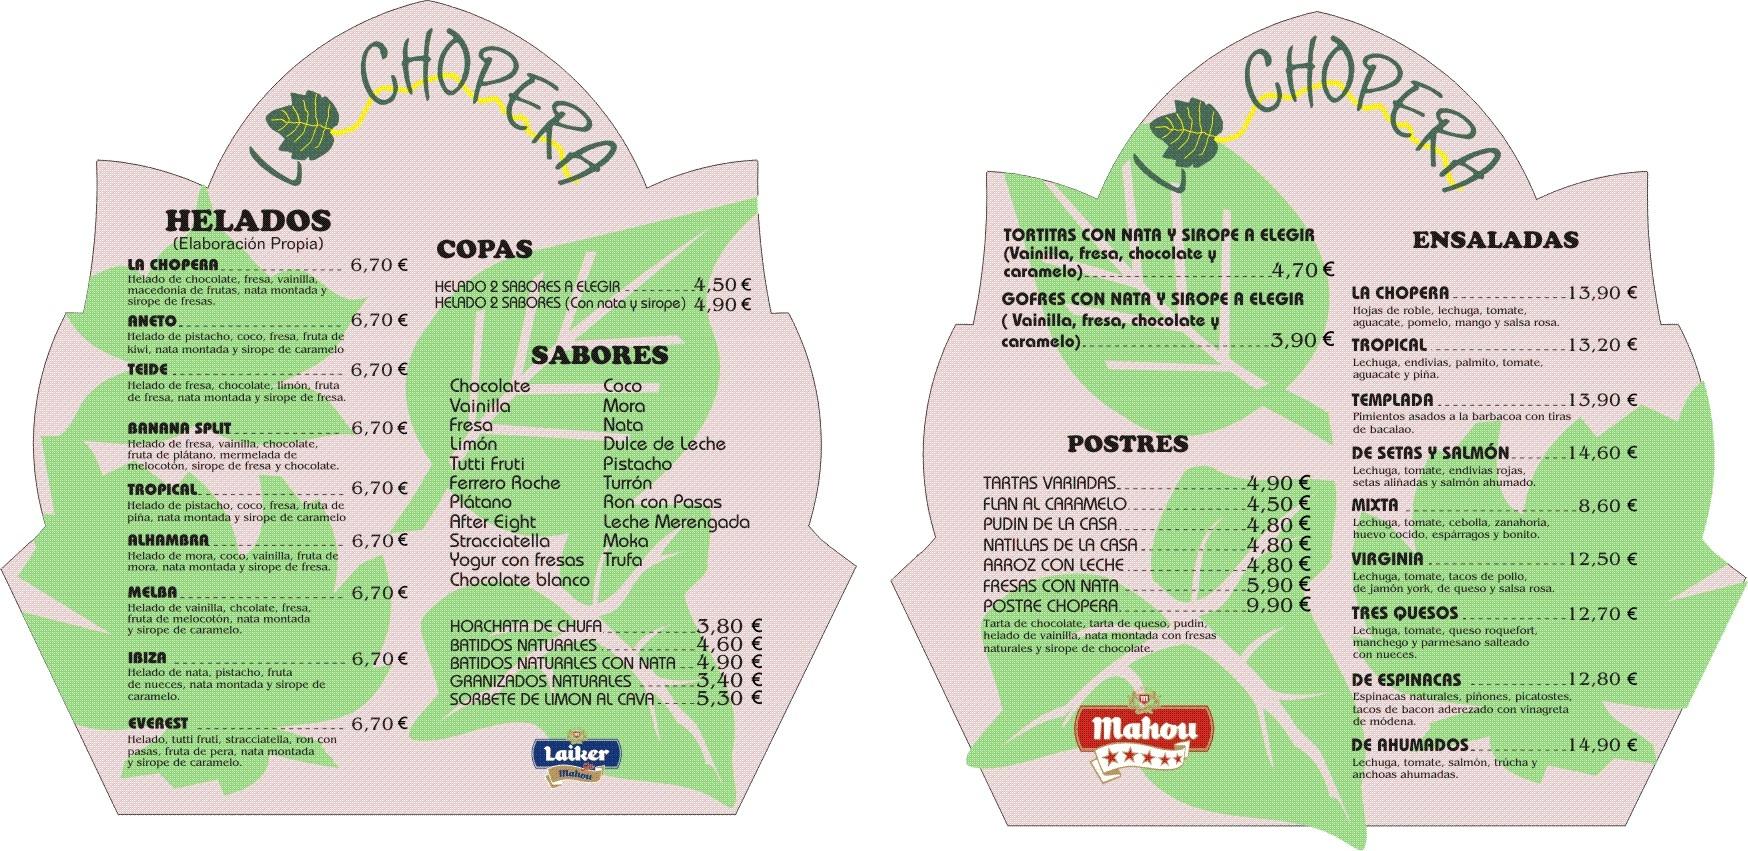 Carta de helados, postres y copas La Chopera